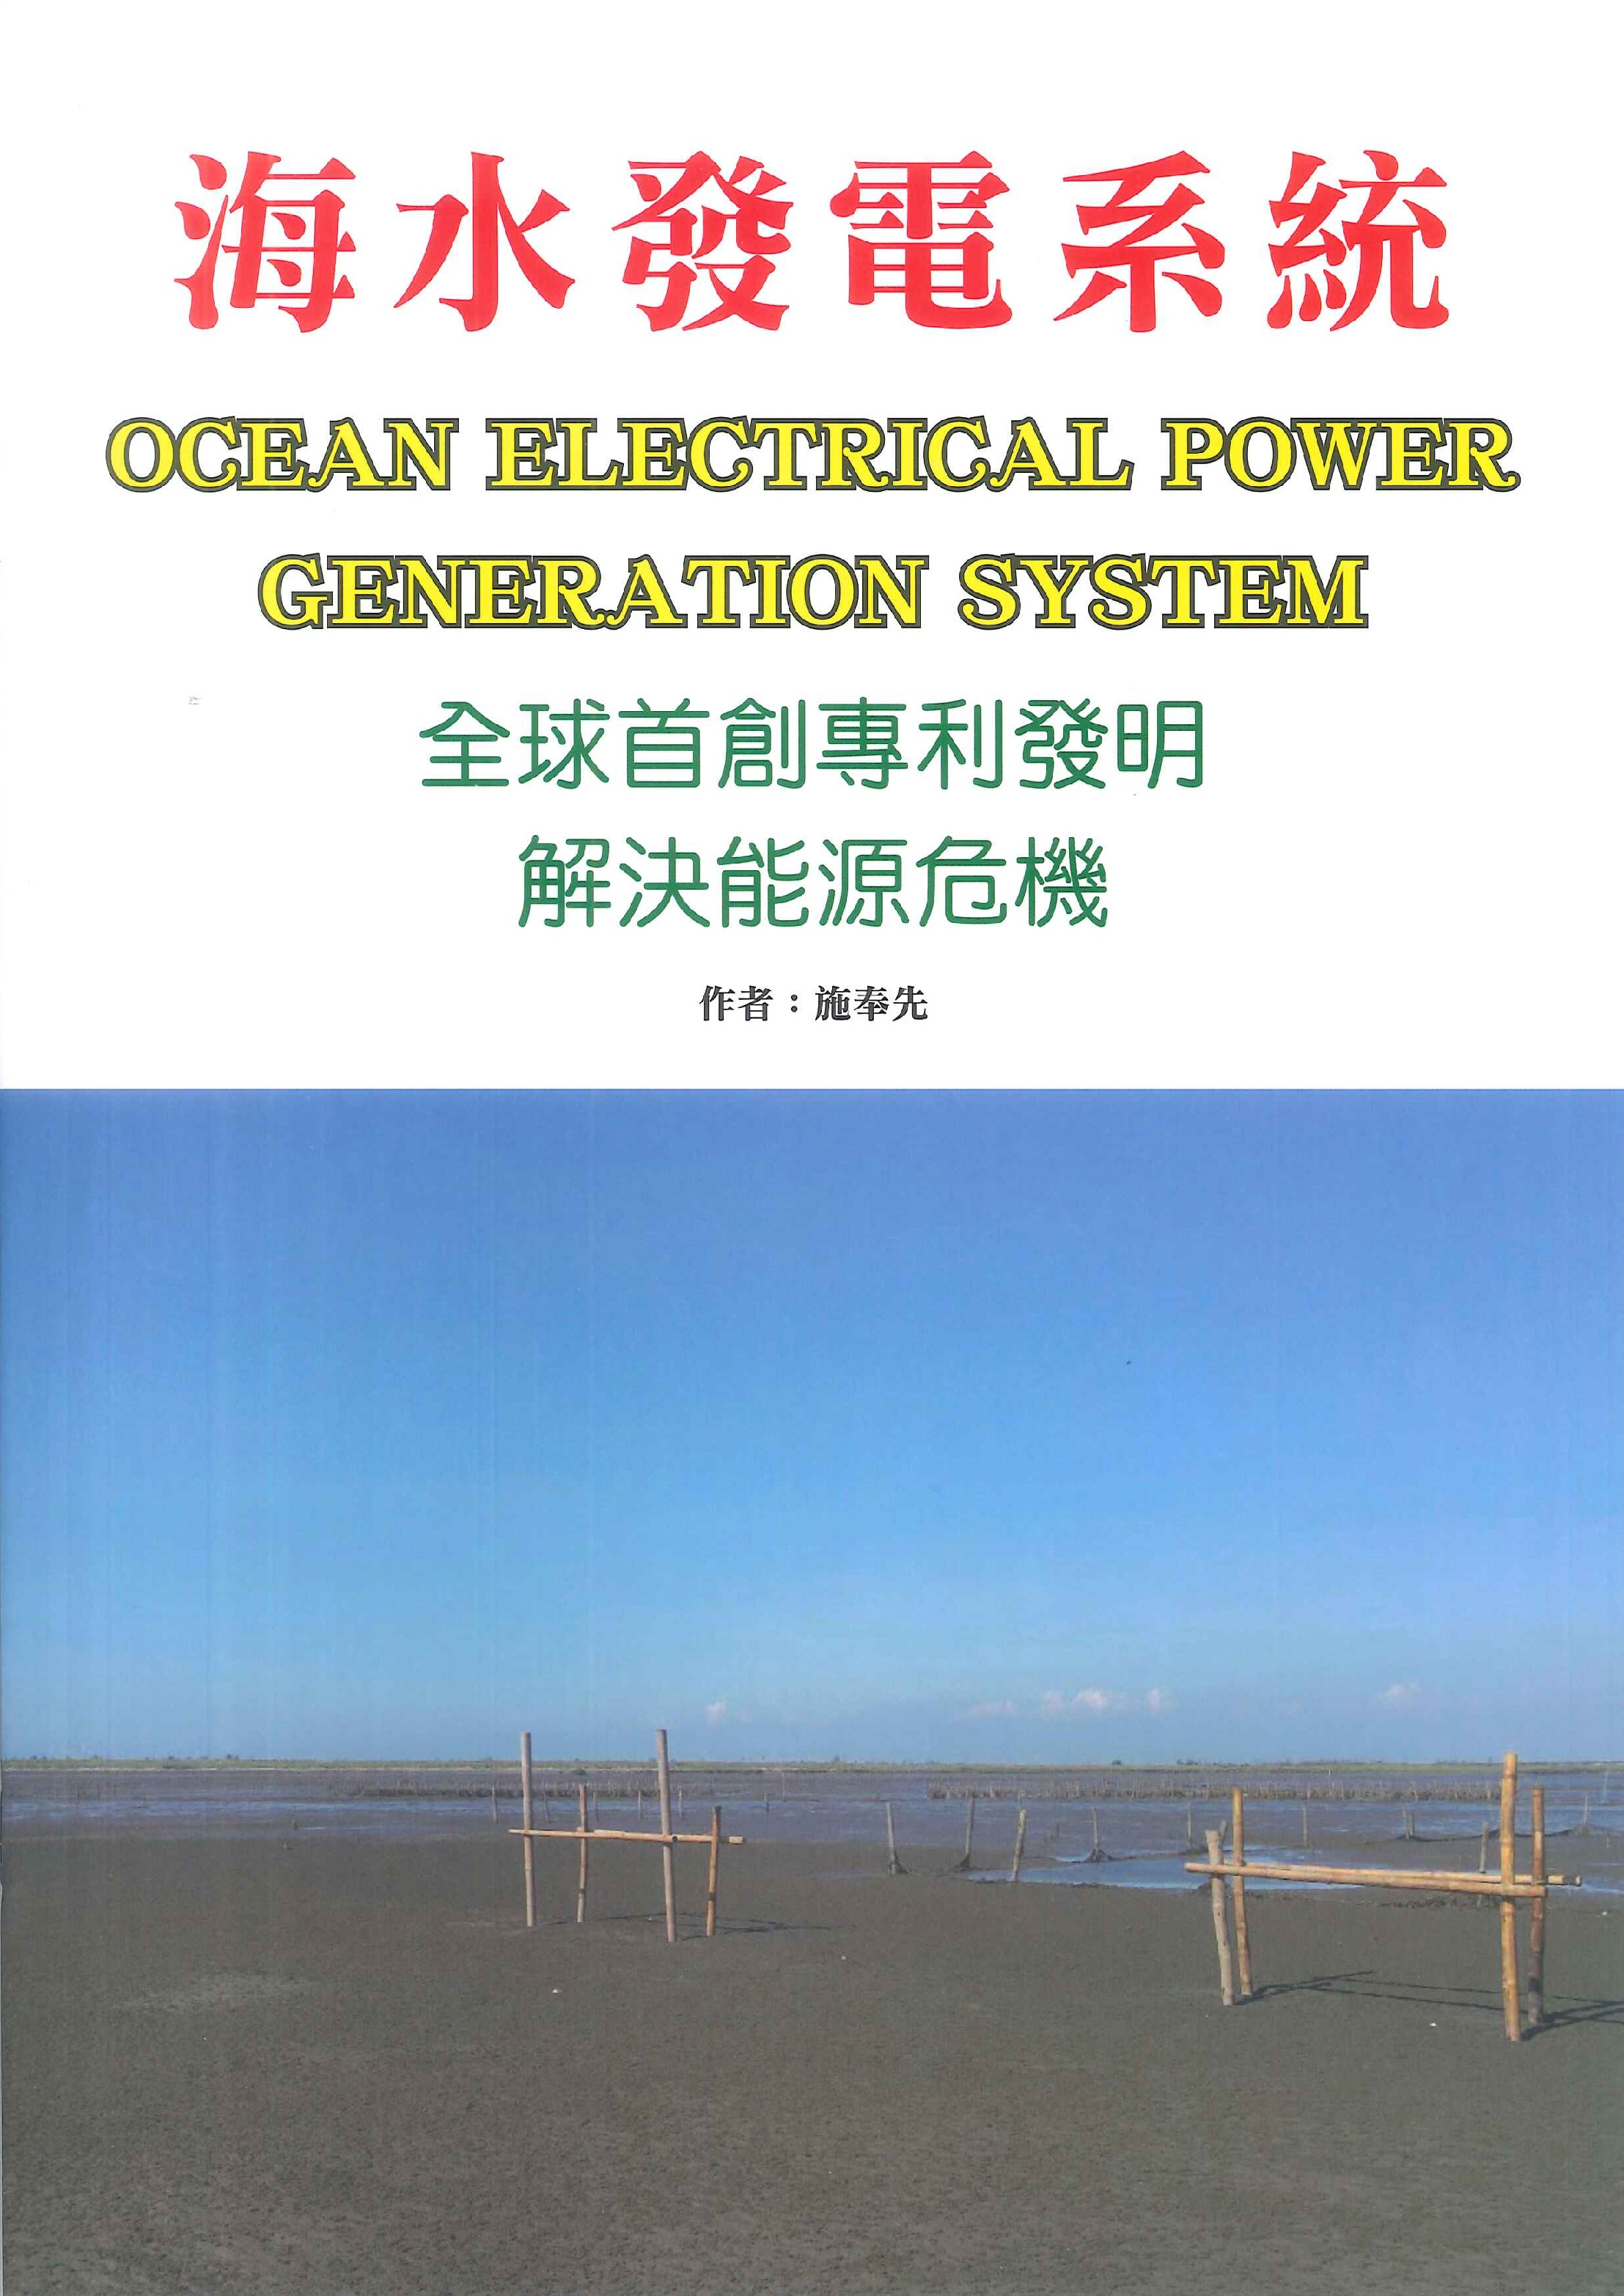 海水發電系統:全球首創專利發明解決能源危機=Ocean electrical power generation system